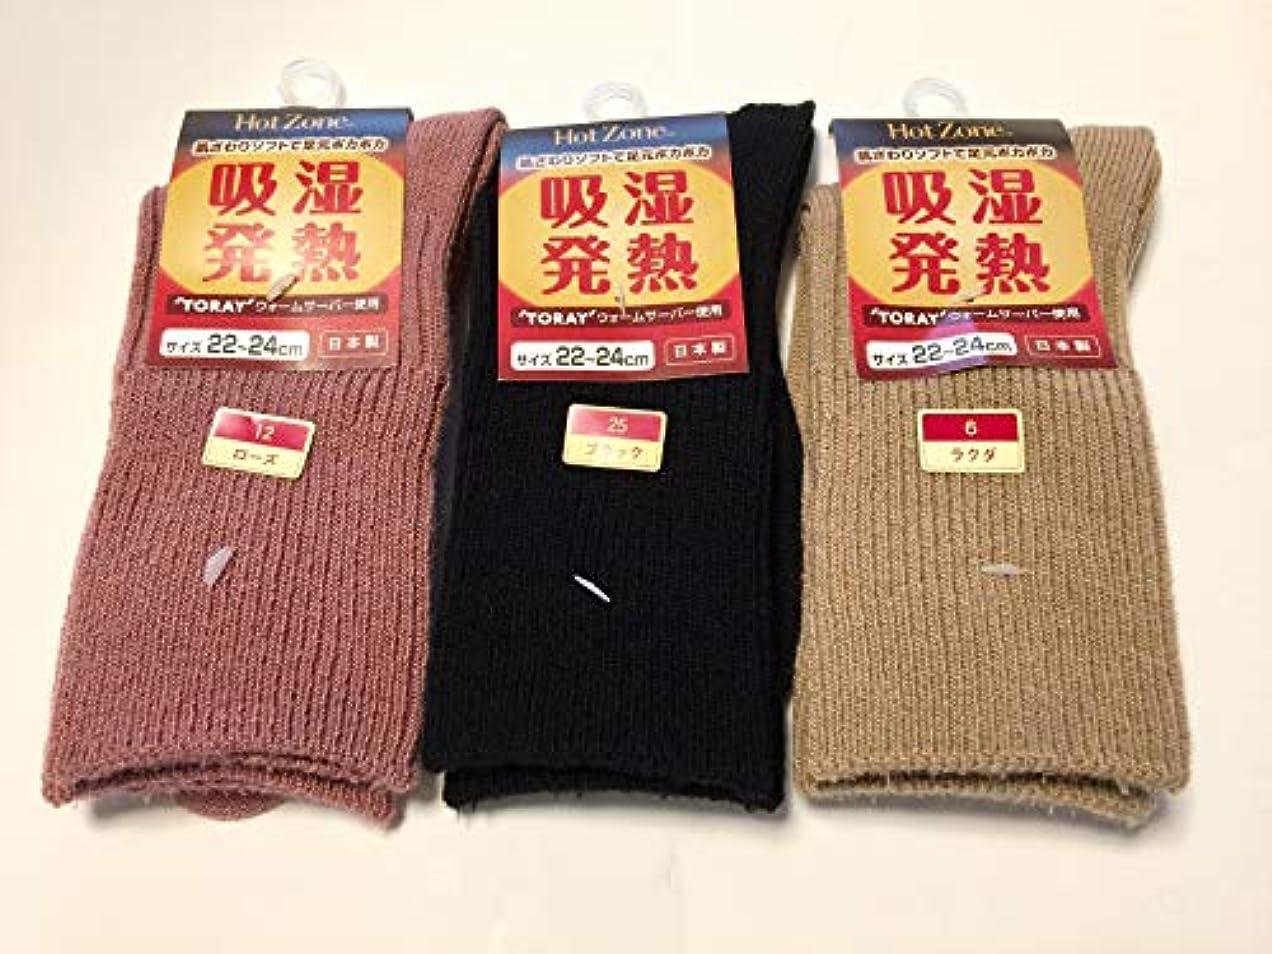 旧正月鰐教師の日日本製 靴下 あったか レディース 吸湿発熱 毛混 口ゴムゆったり 22-24cm 3足組